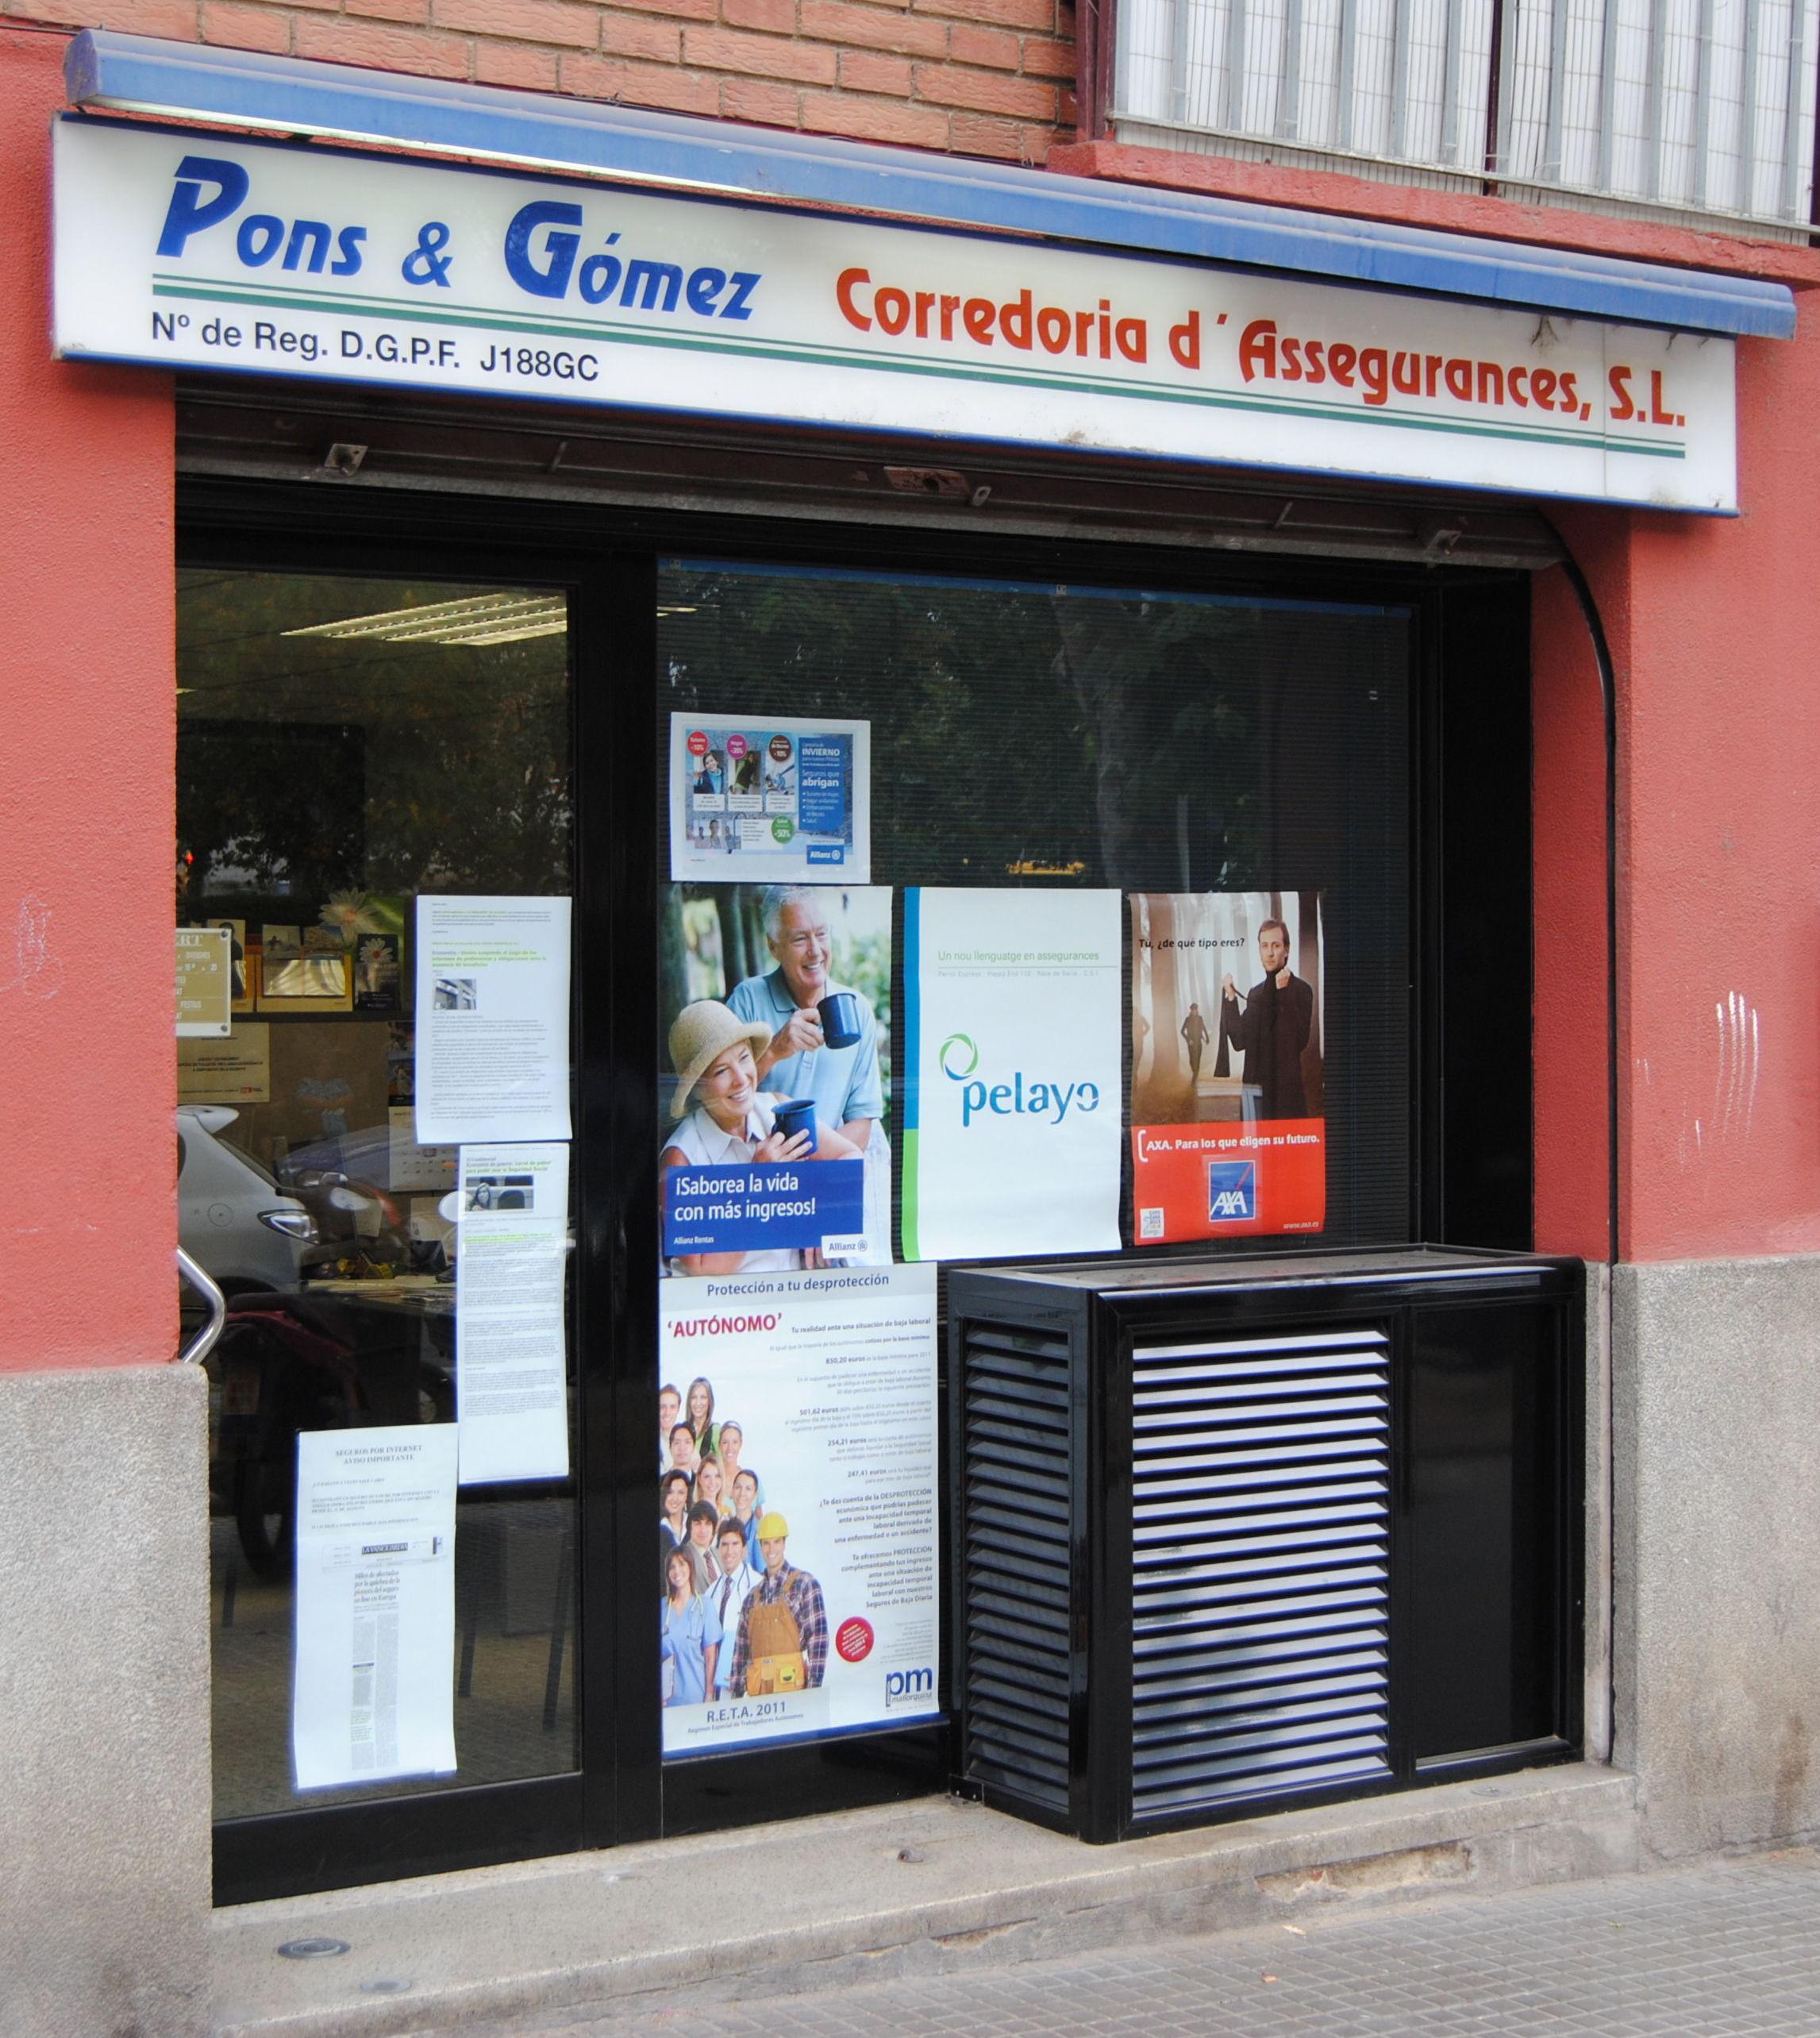 Foto 1 de Seguros en Santa Coloma de Gramenet | Pons & Gómez Corredoria d'Assegurances